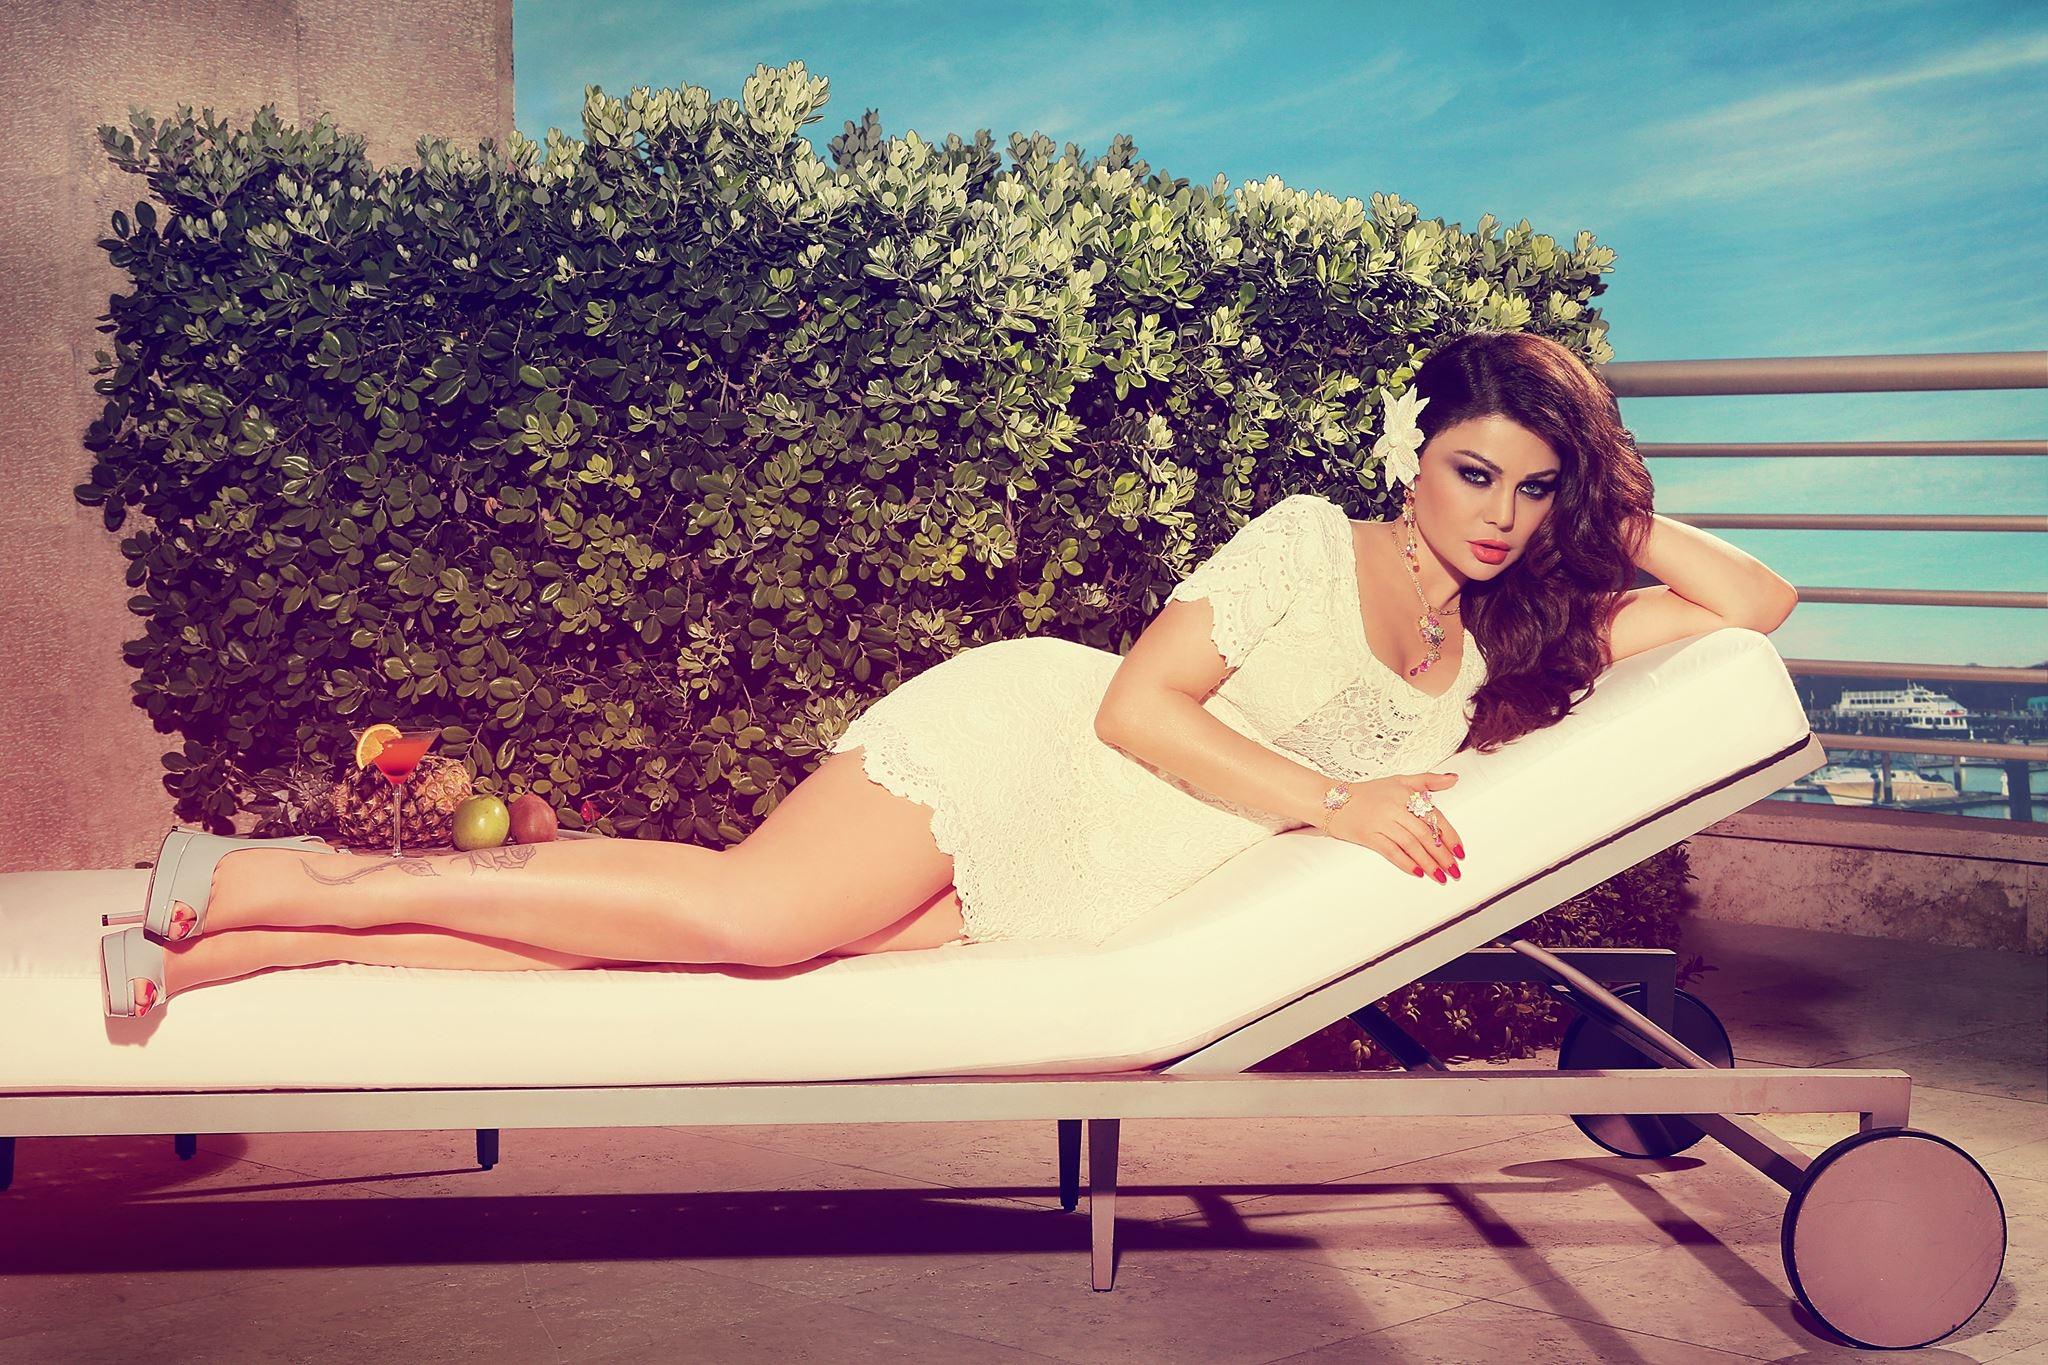 hot haifa wehbe wallpaper 61123